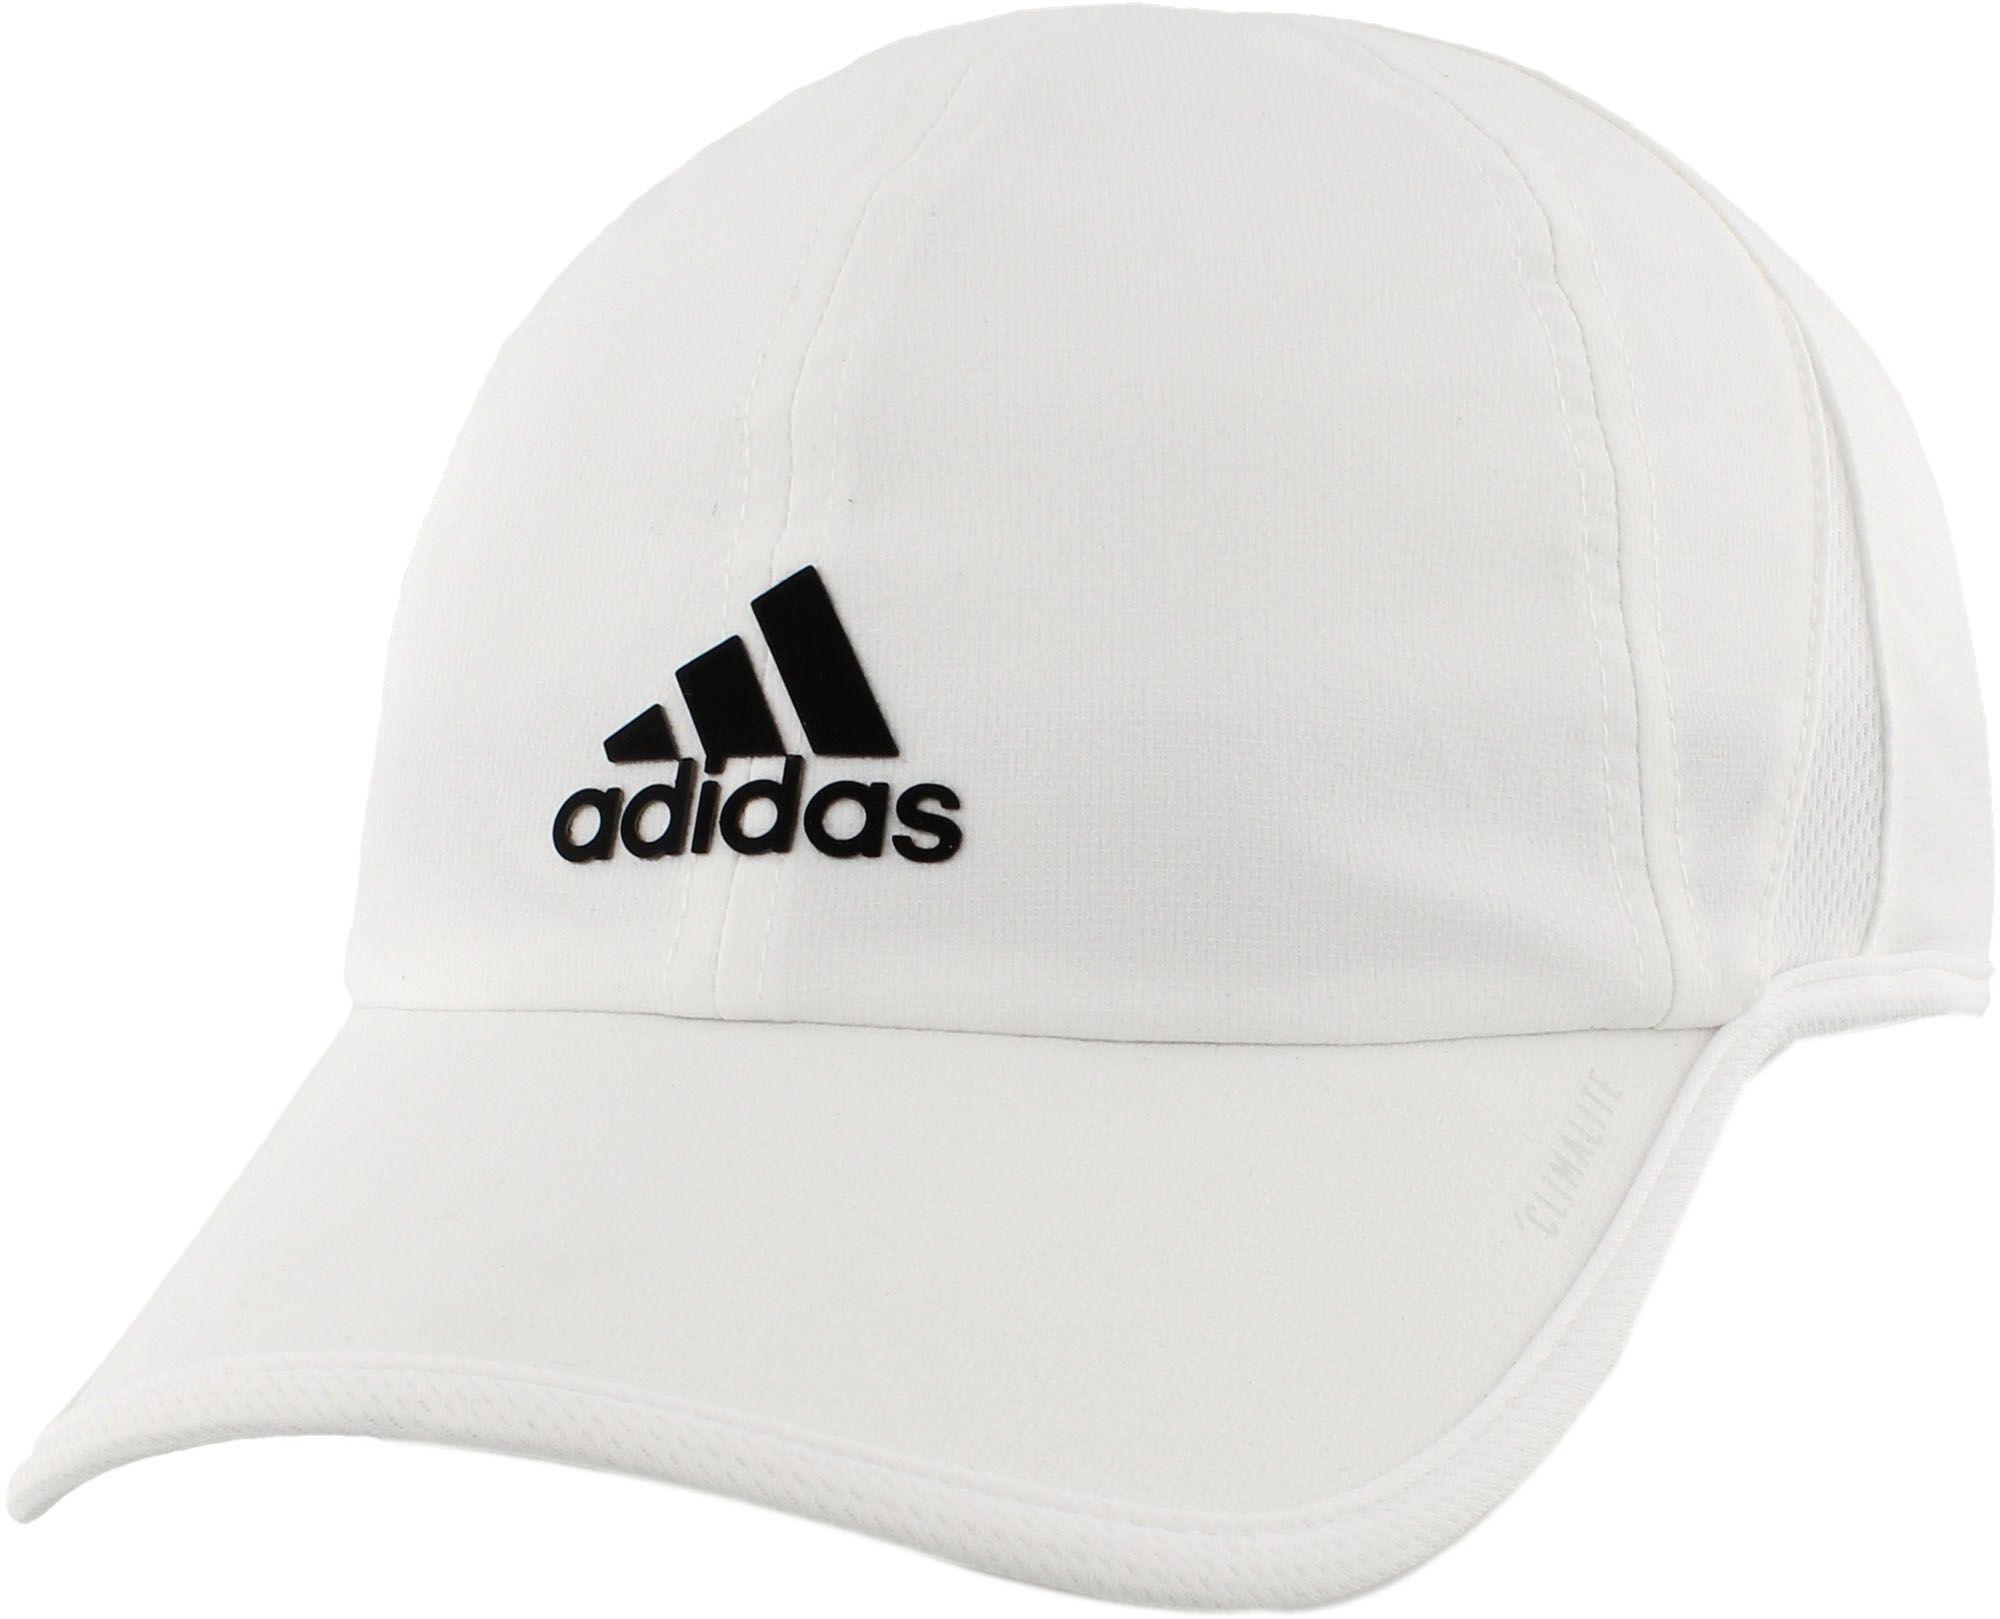 759d2e05716 Adidas - White Superlite Hat for Men - Lyst. View fullscreen